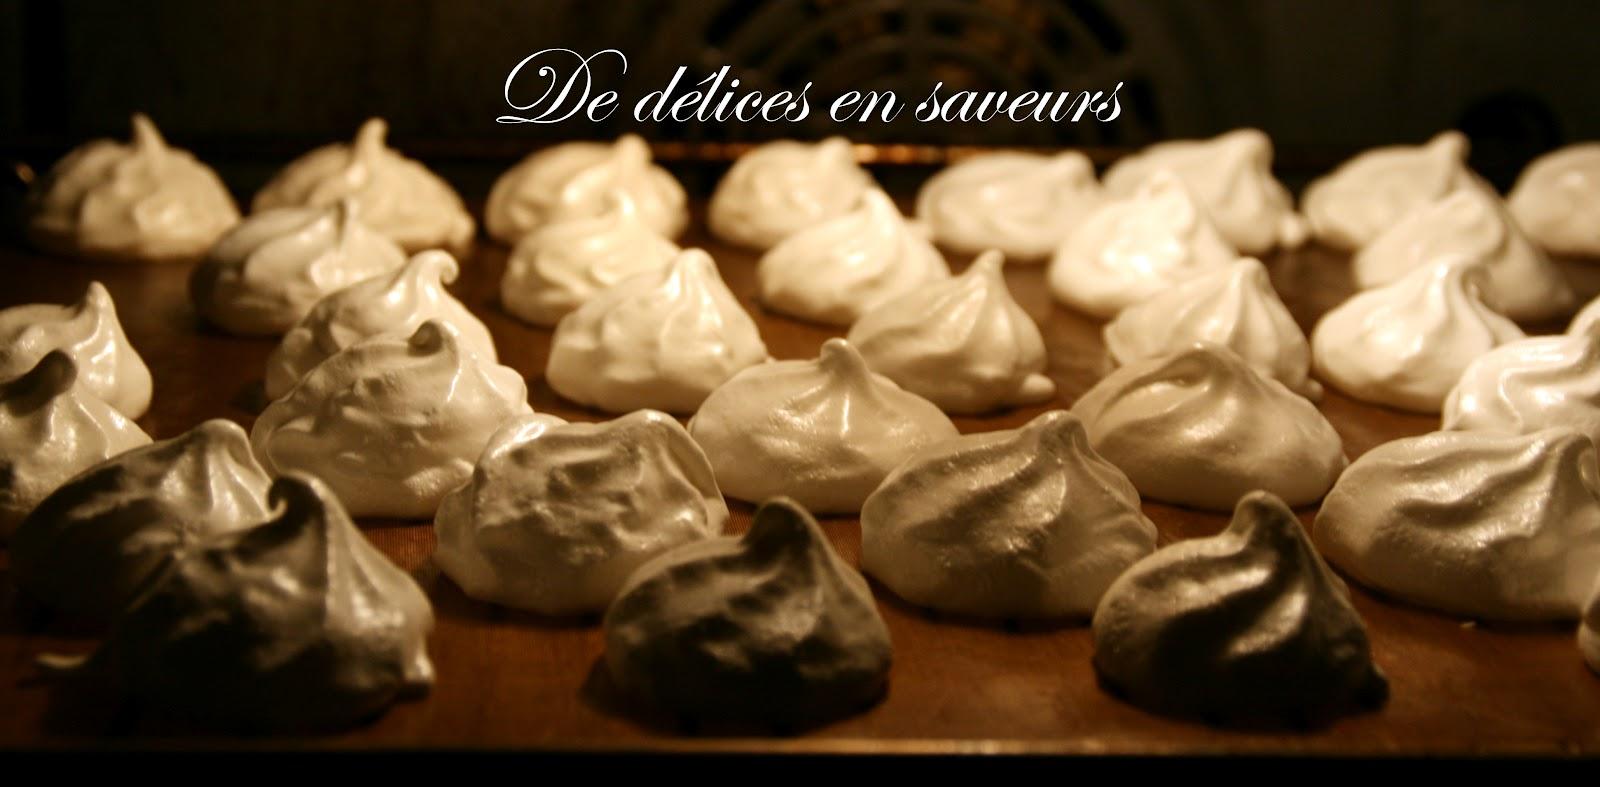 De d lices en saveurs meringues cassantes en bouche - Cuisson meringue four chaleur tournante ...